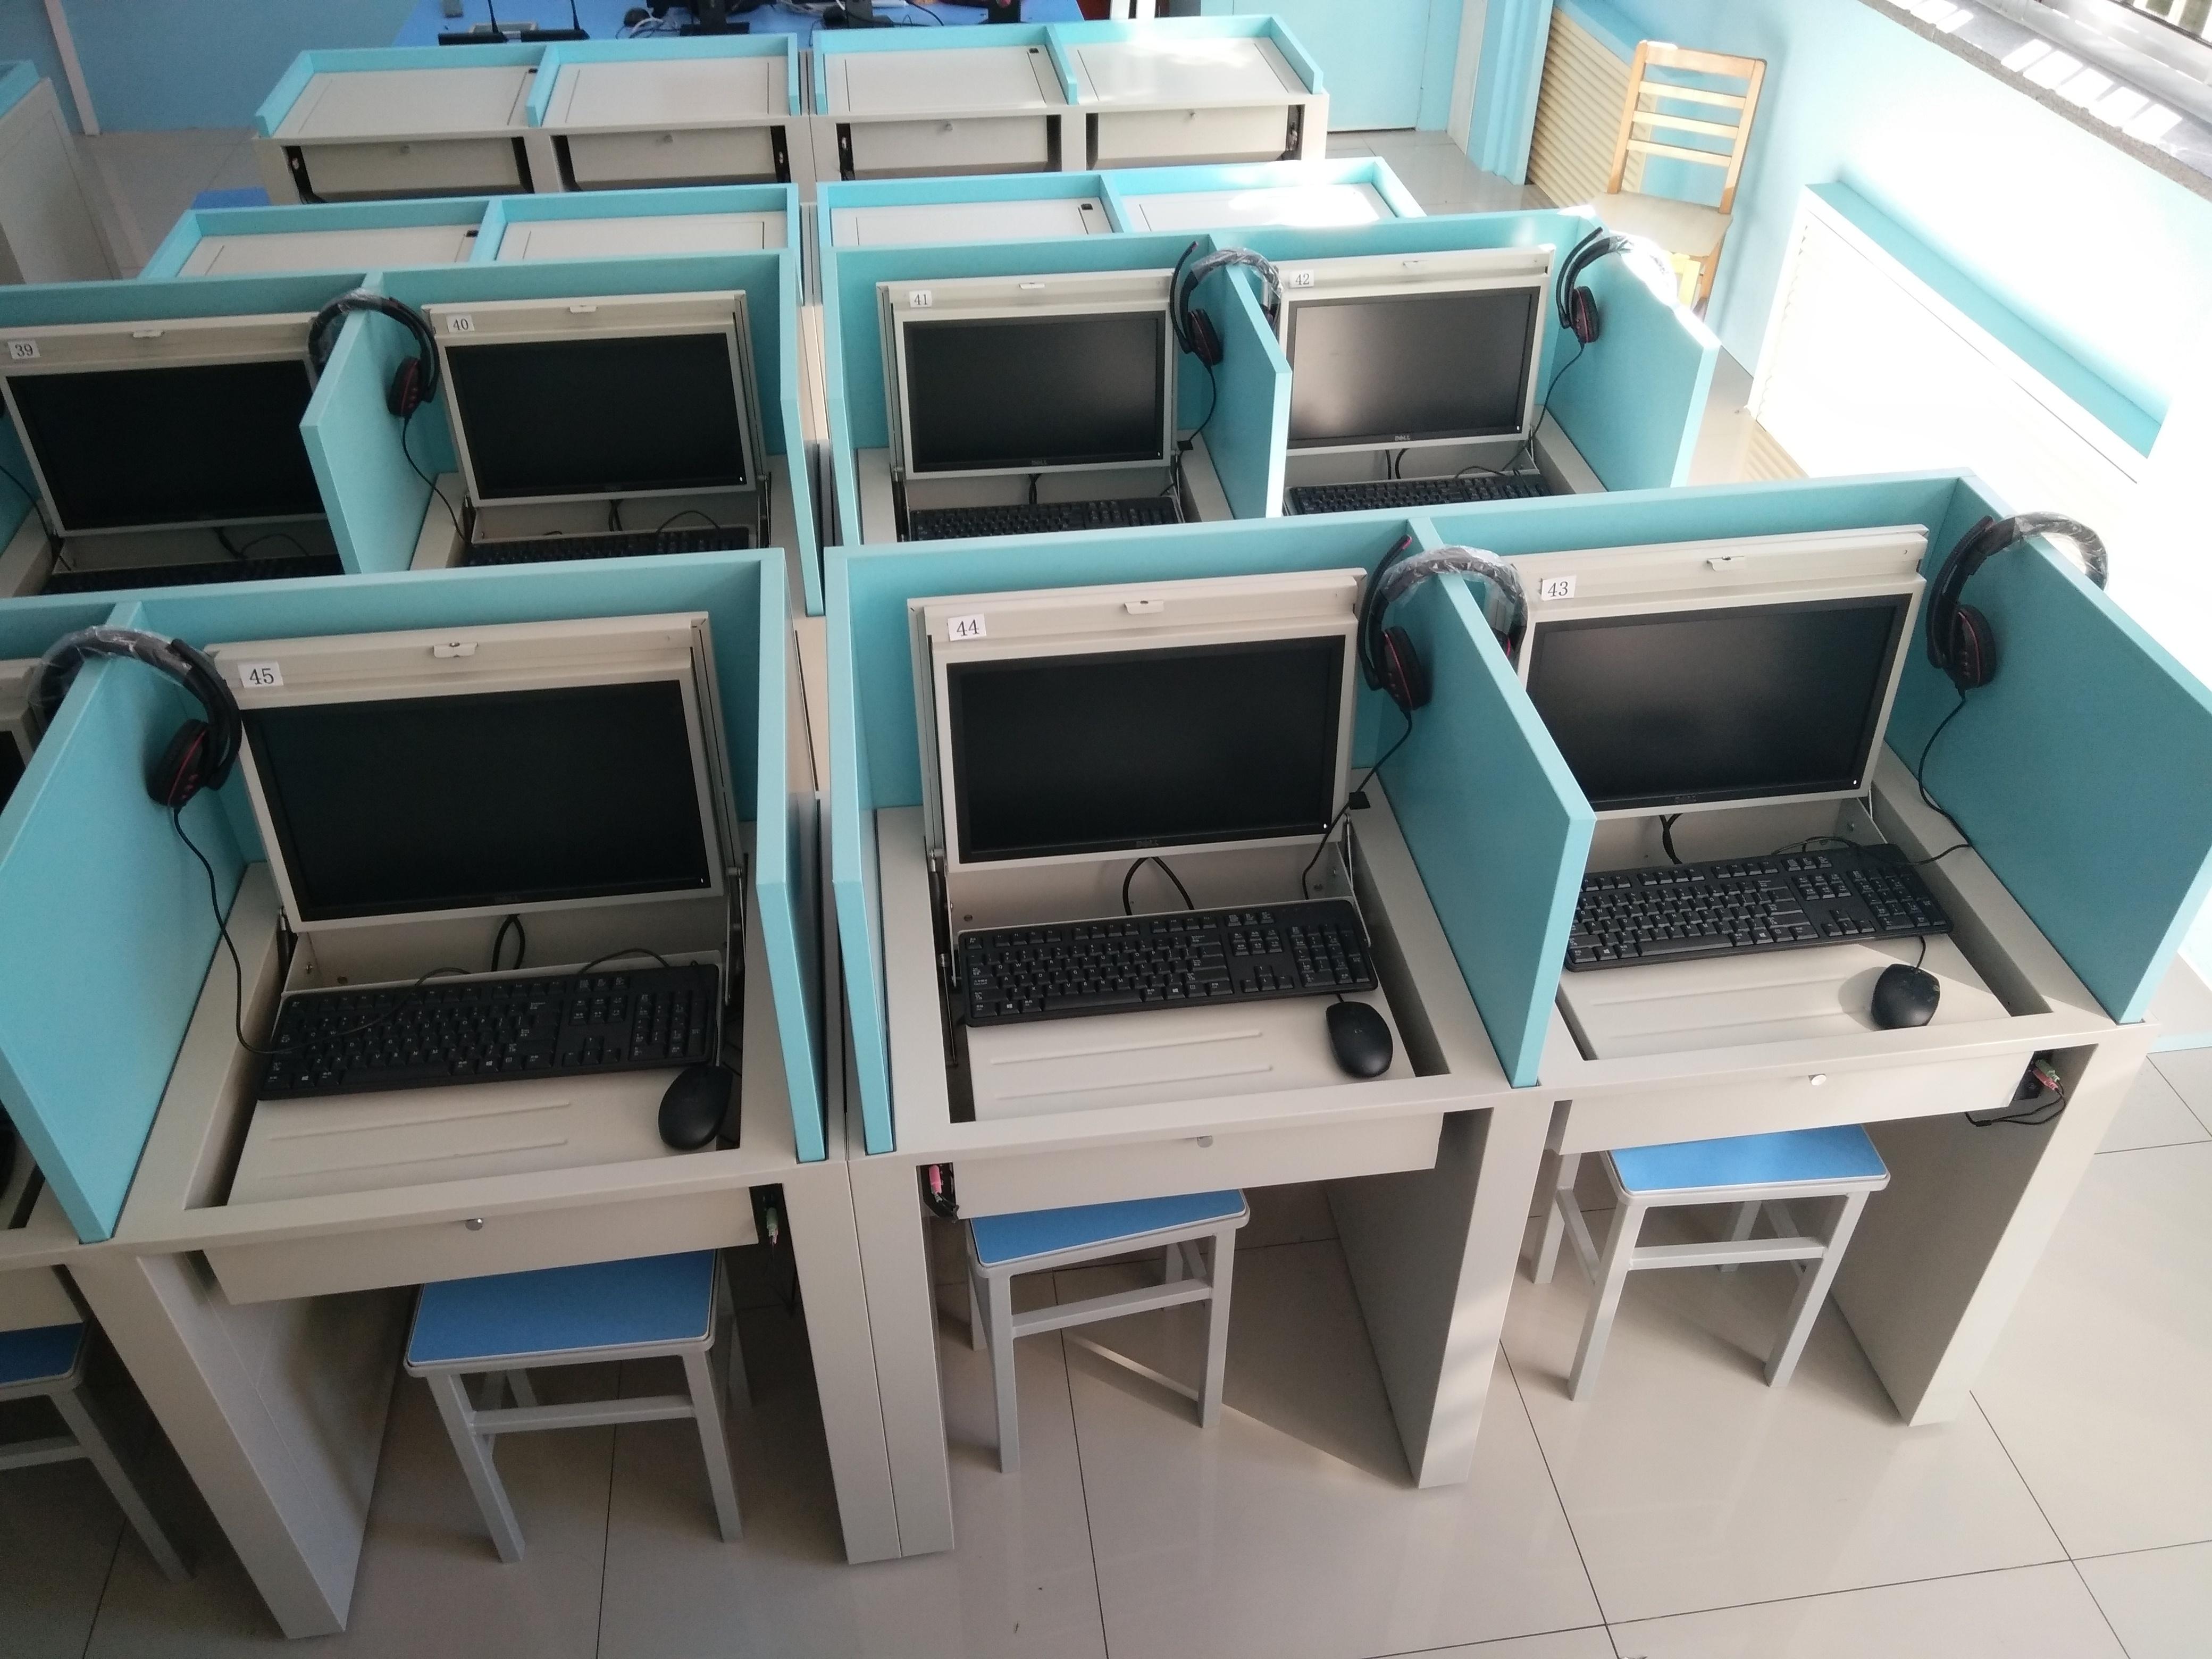 供应电动升降屏风电脑桌液晶屏翻转电脑桌厂家